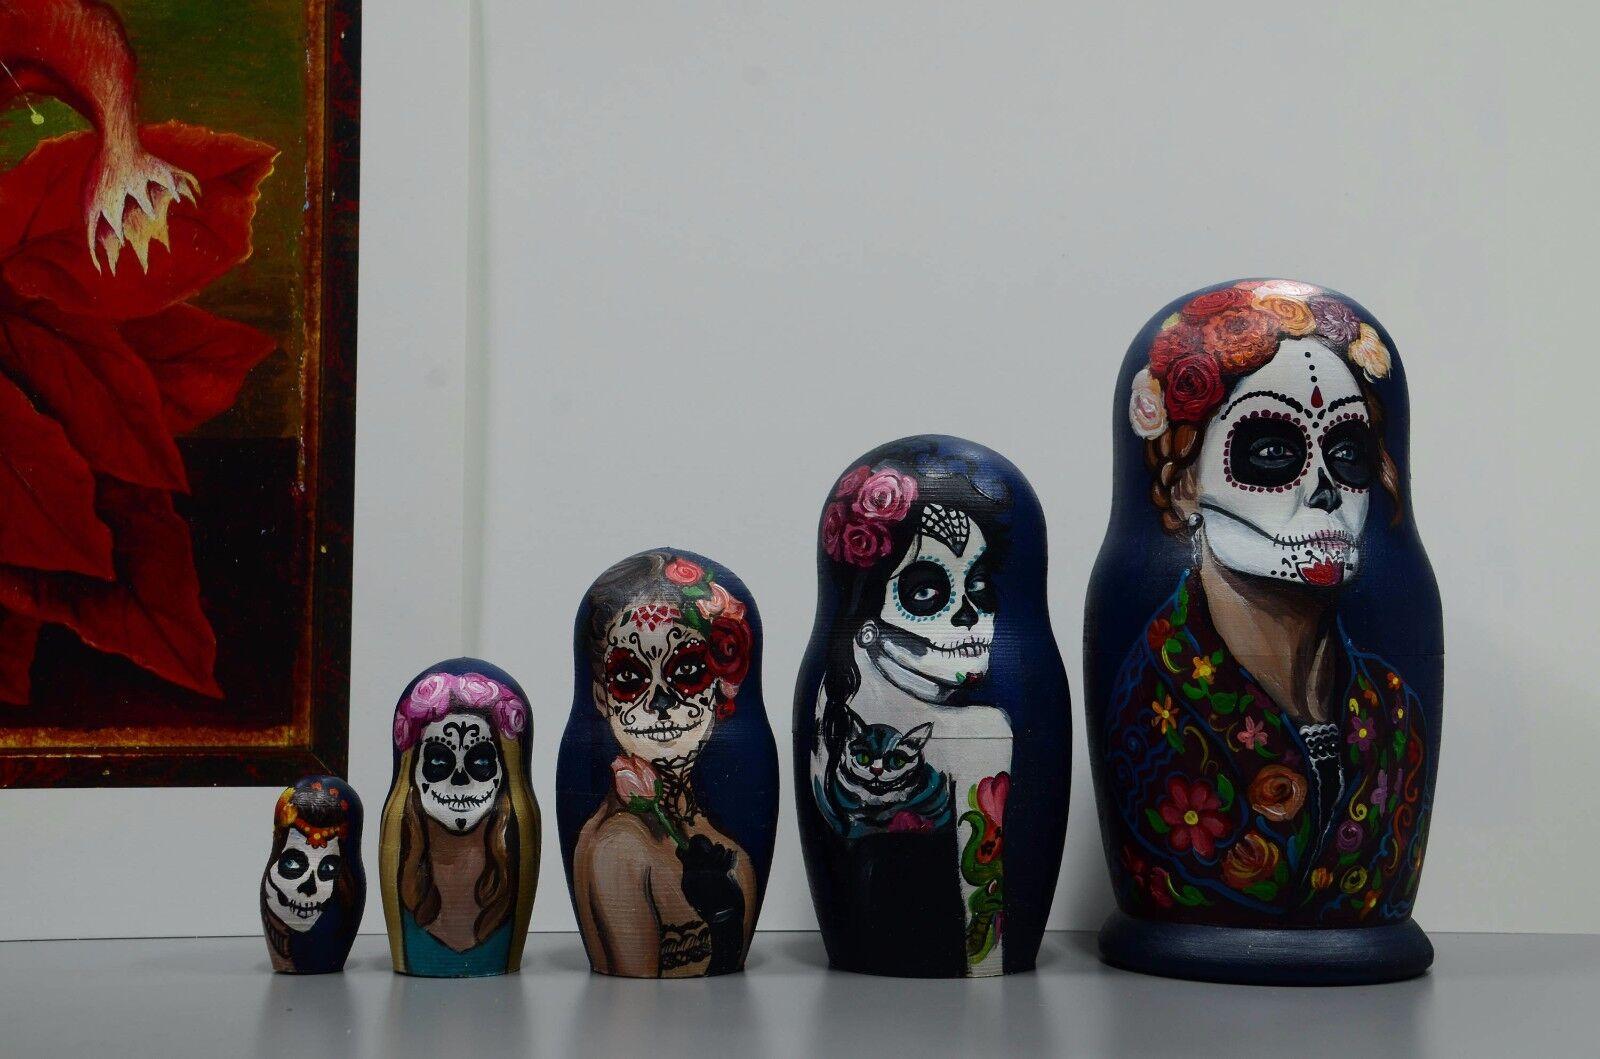 Catarina Día de Muertos, Russian Matryoshka, handmade Wooden nesting dolls, handmade Matryoshka, ed1576